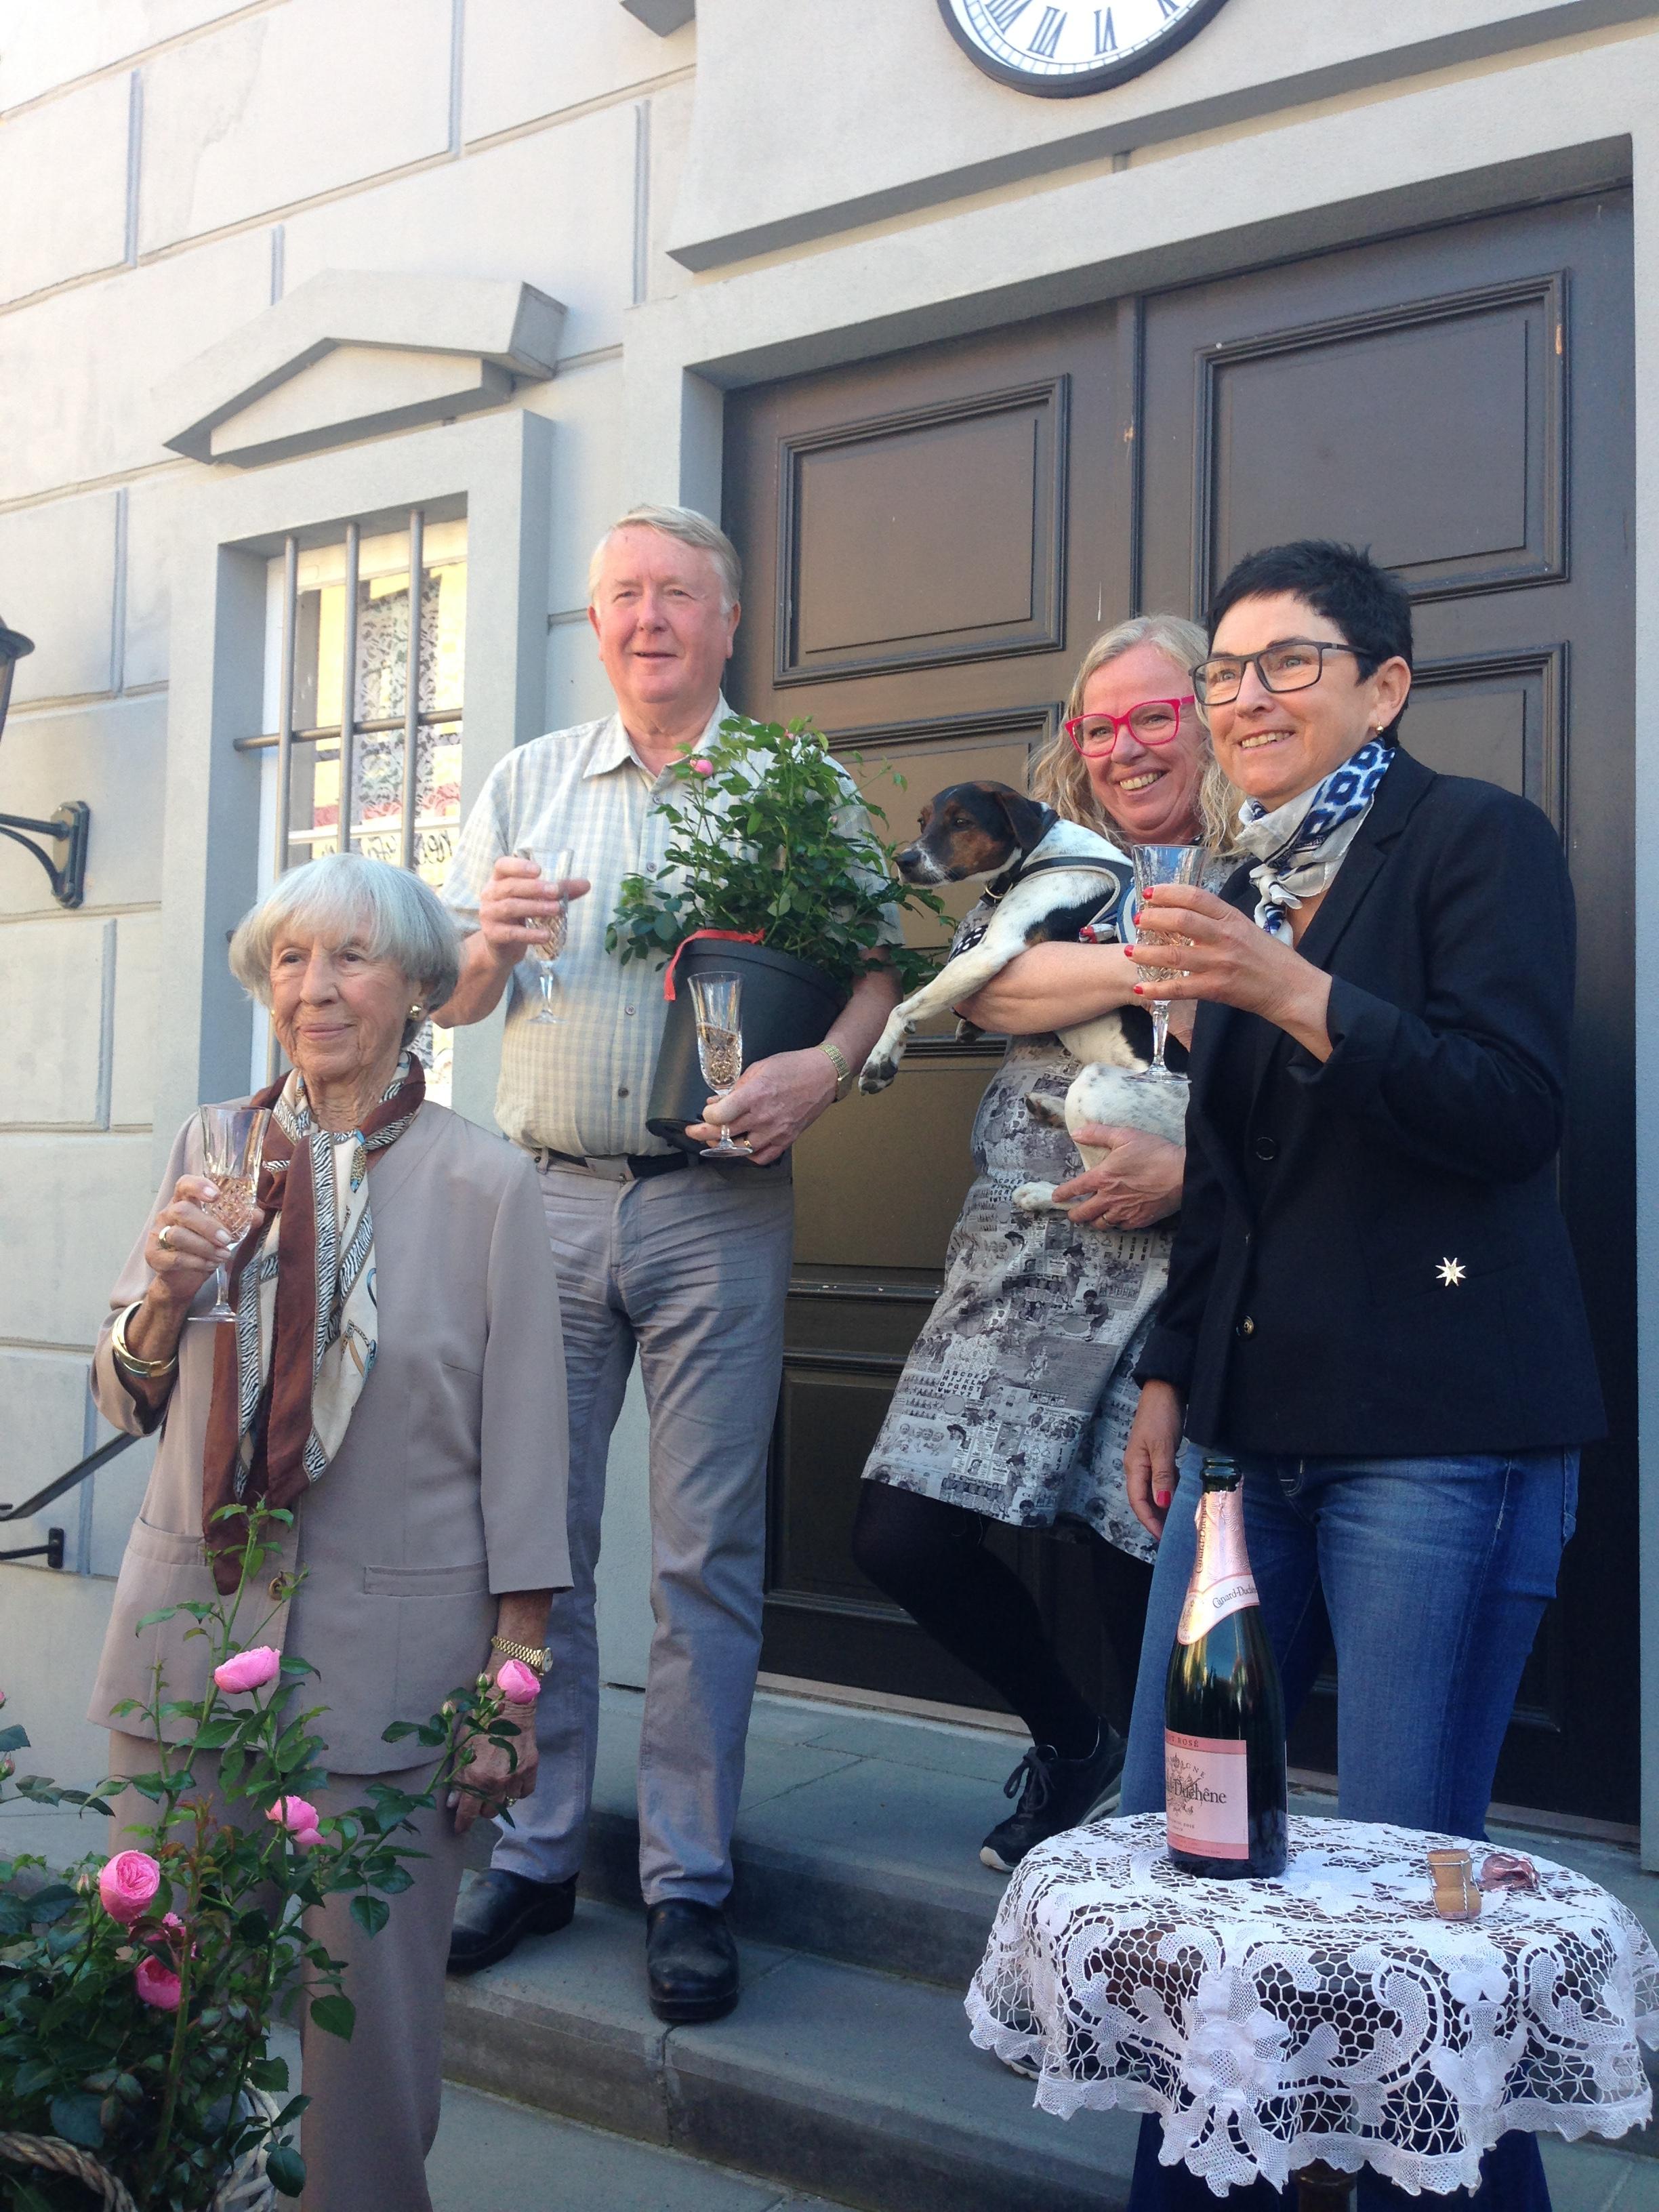 Lise Nørgaard in Korsbæk